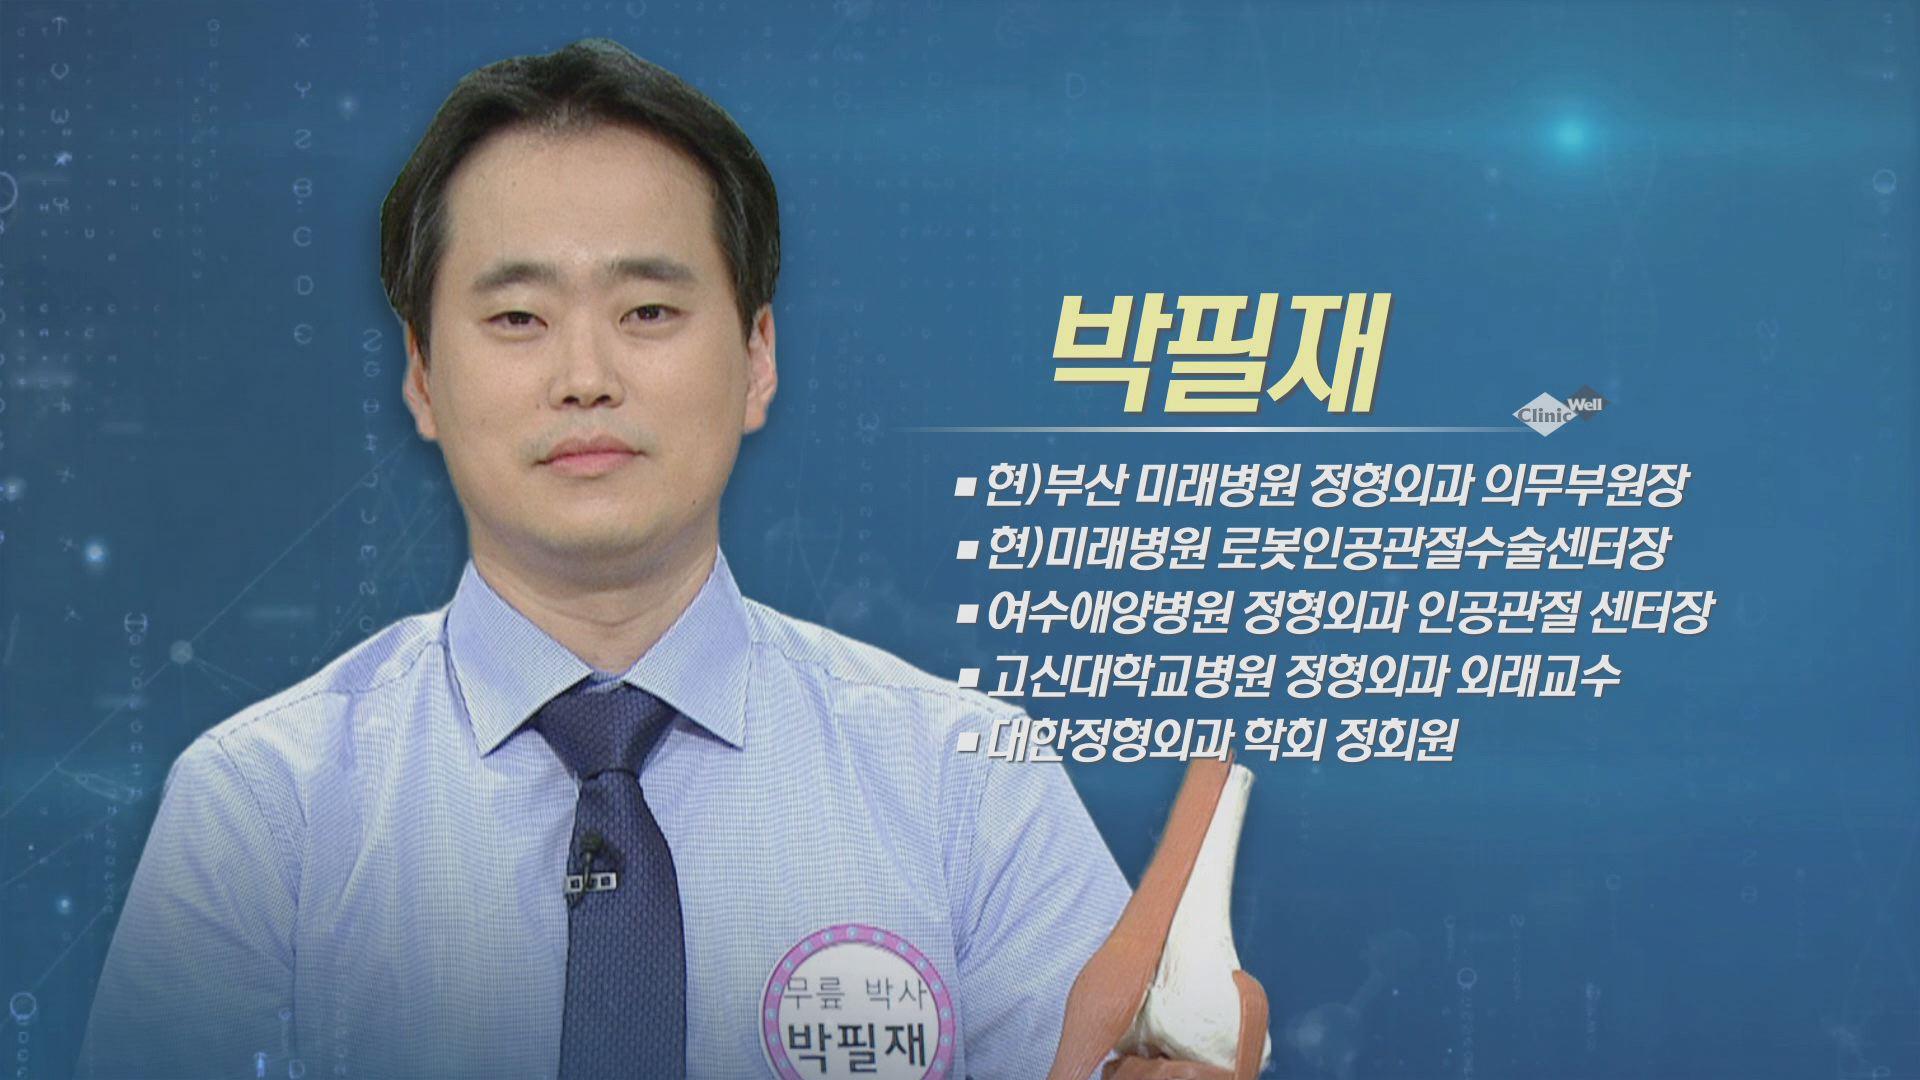 (09/16 방영) 무릎관절, 새 생명을 얻다(박필재/부산 미래병원 졍형외과 의무부원장)